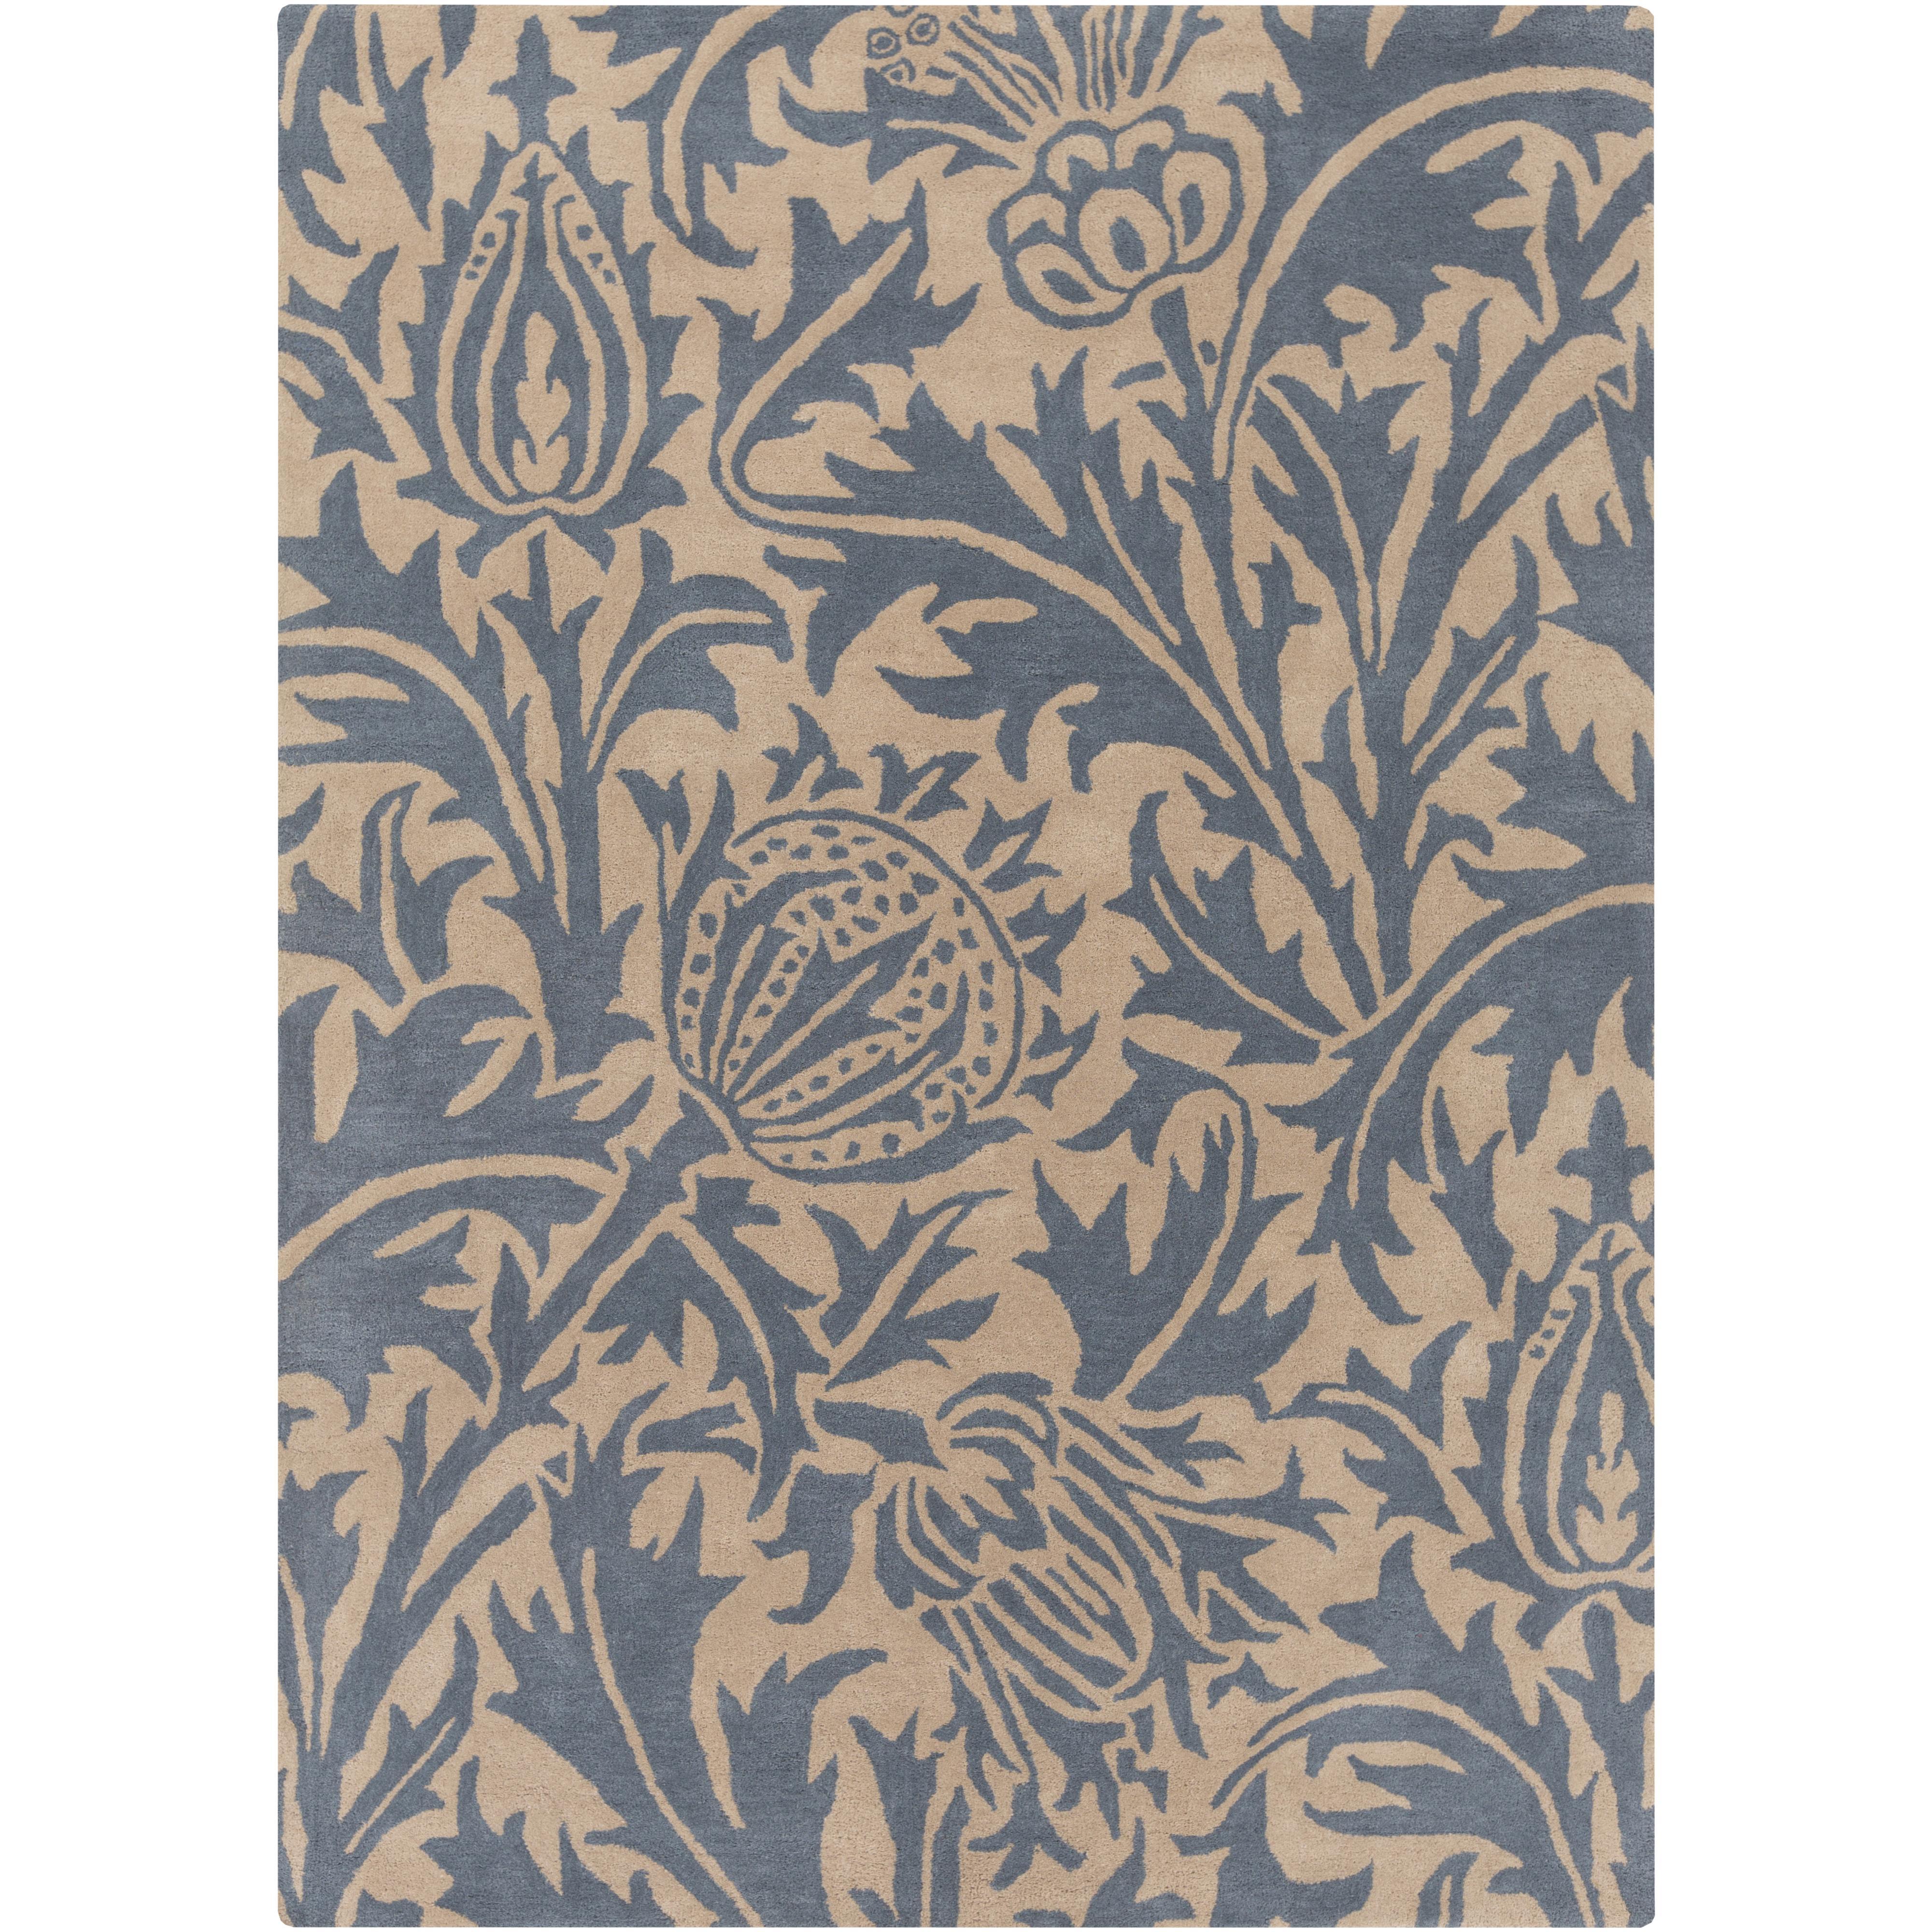 Surya Rugs William Morris 5' x 8' - Item Number: WLM3008-58